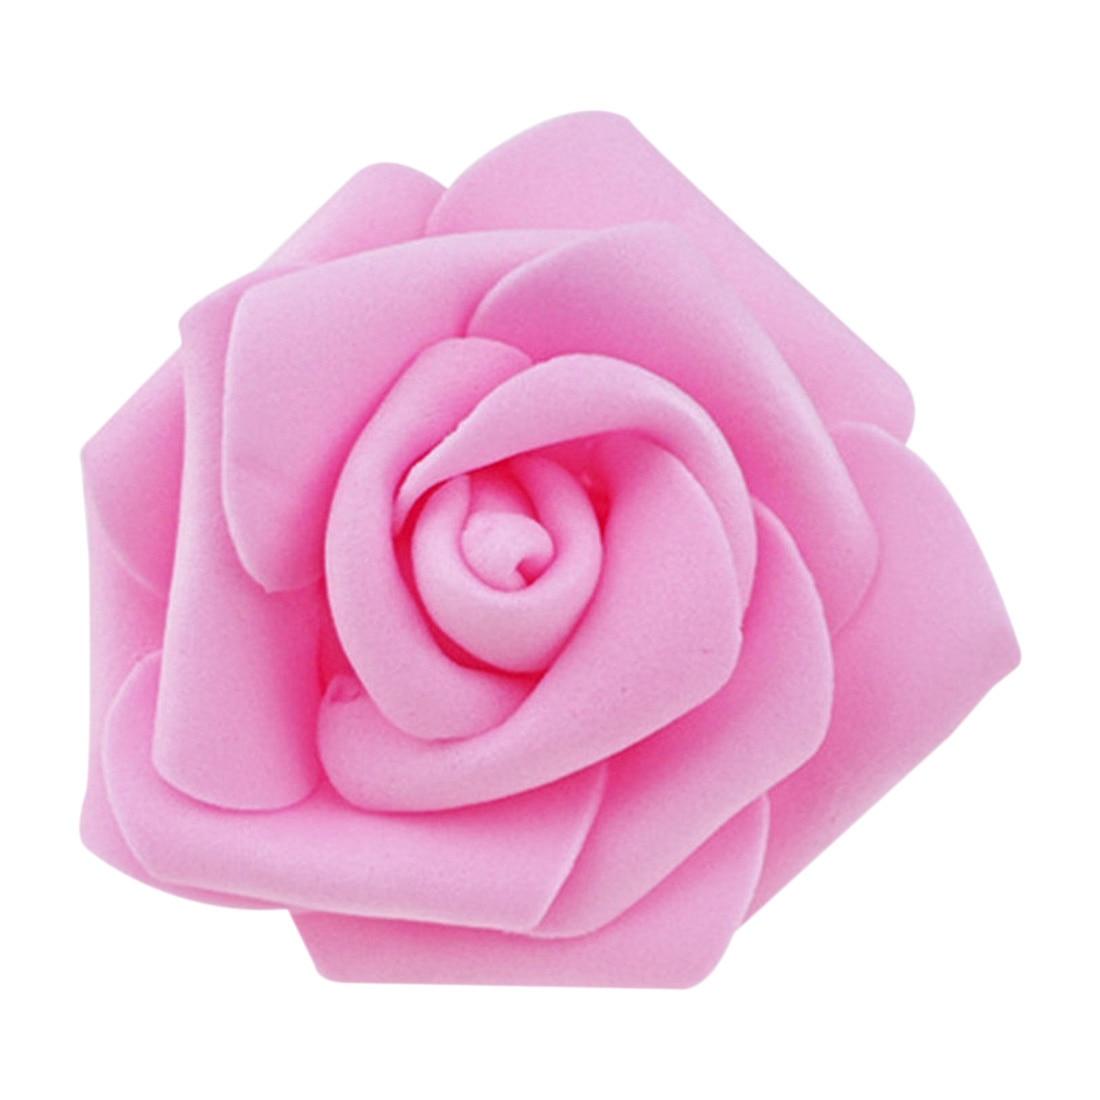 Высокое качество шт./пакет 100 6 см пены розы головы Искусственные цветы Свадебные украшения (розовый)